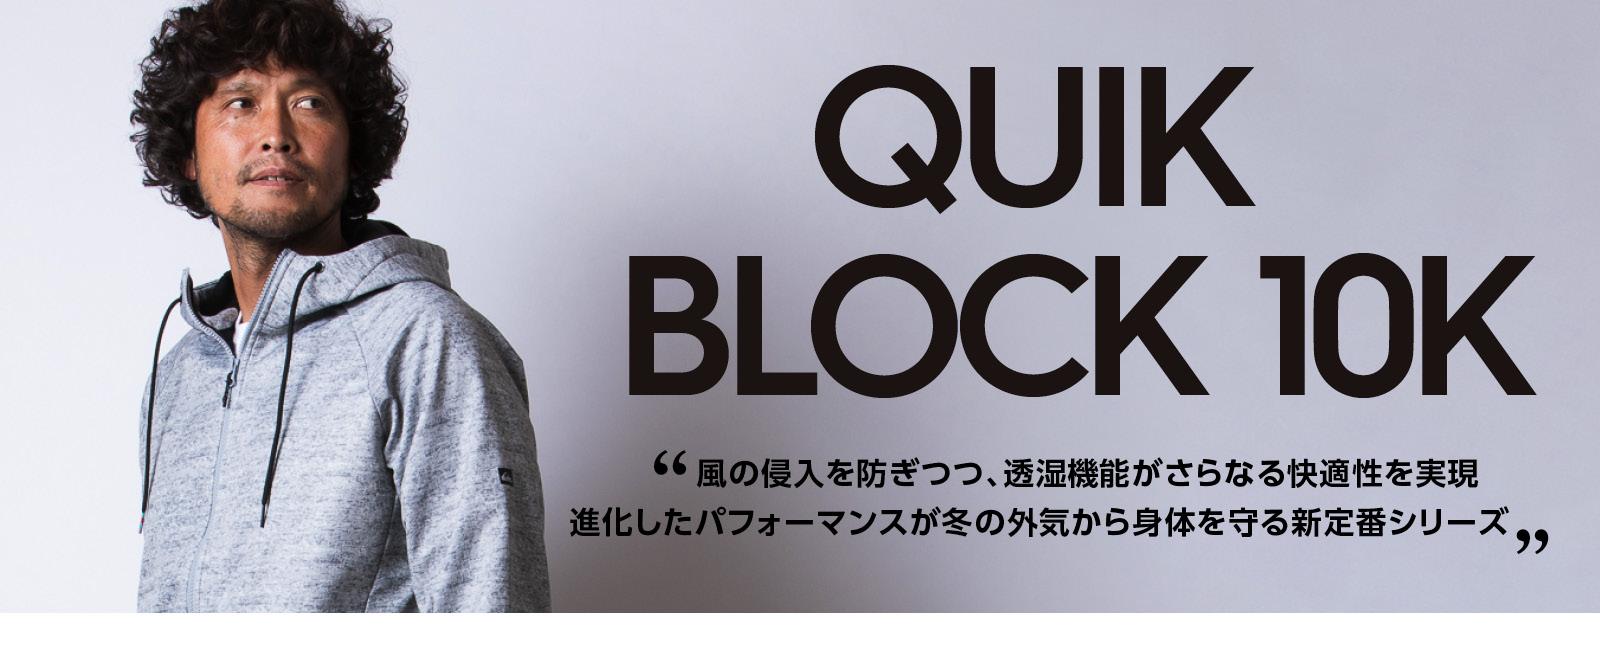 QUIK BLOCK